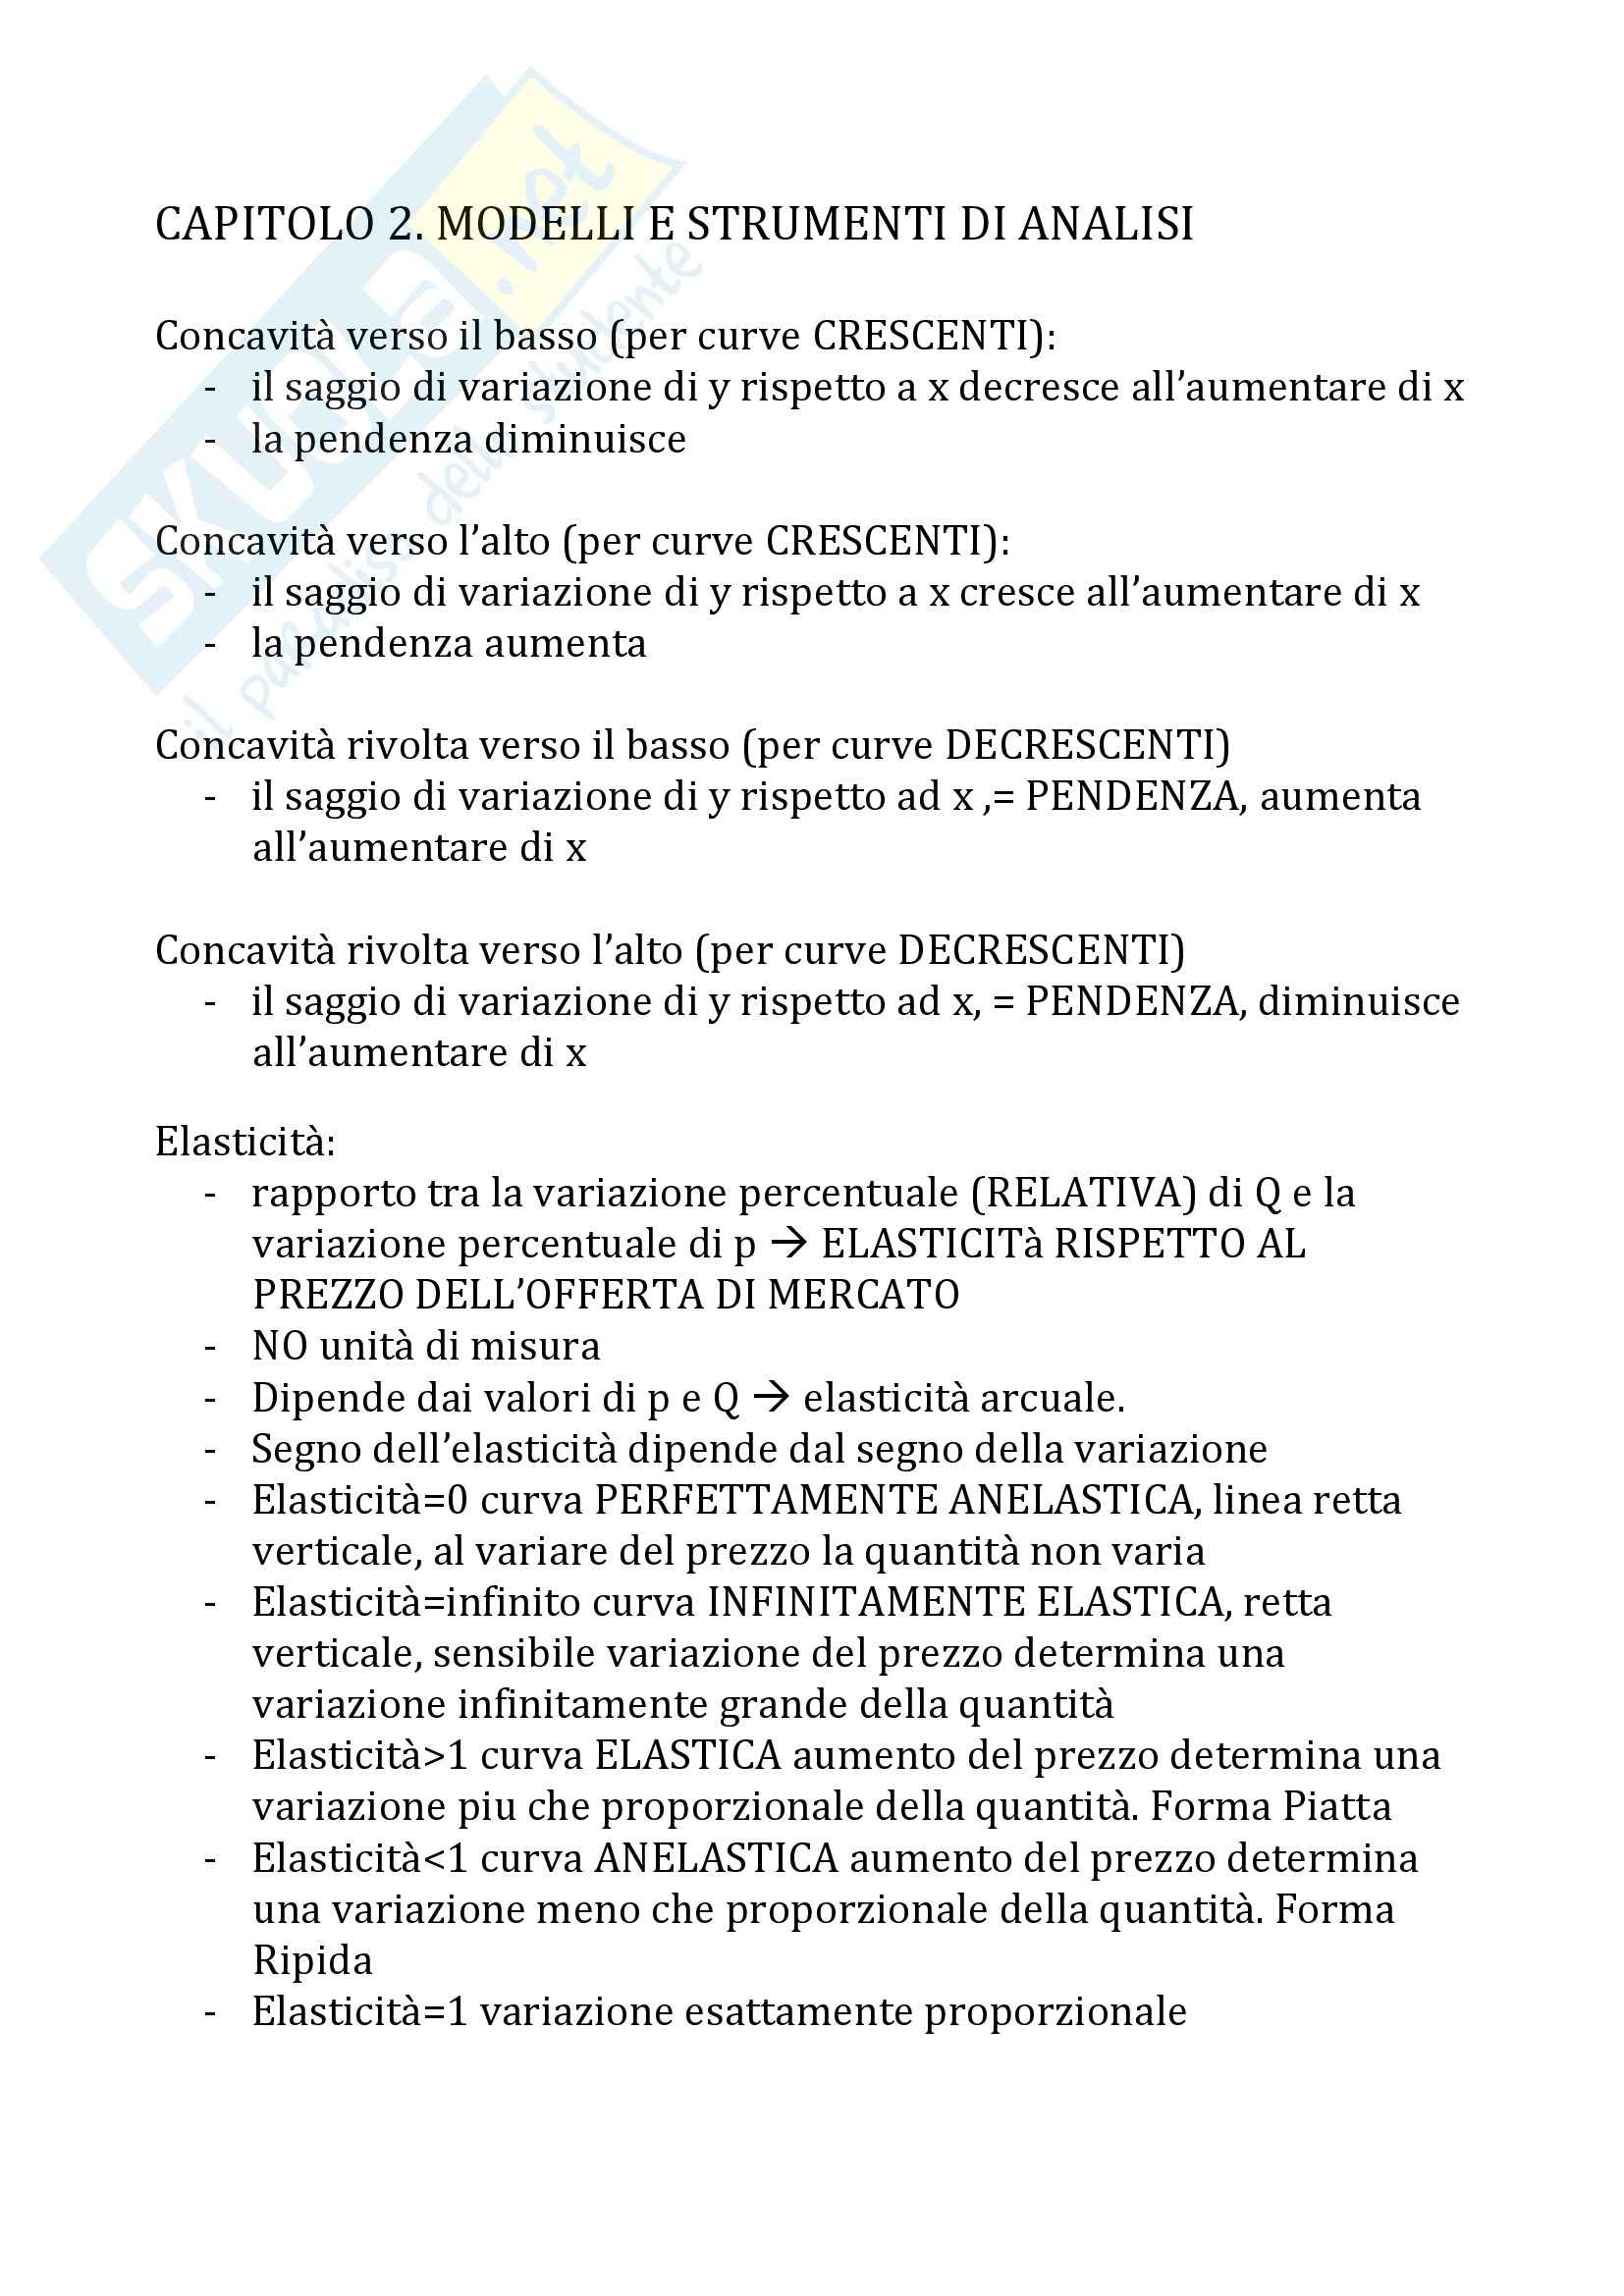 Economia Politica -  Schemi del Prof. Antonelli